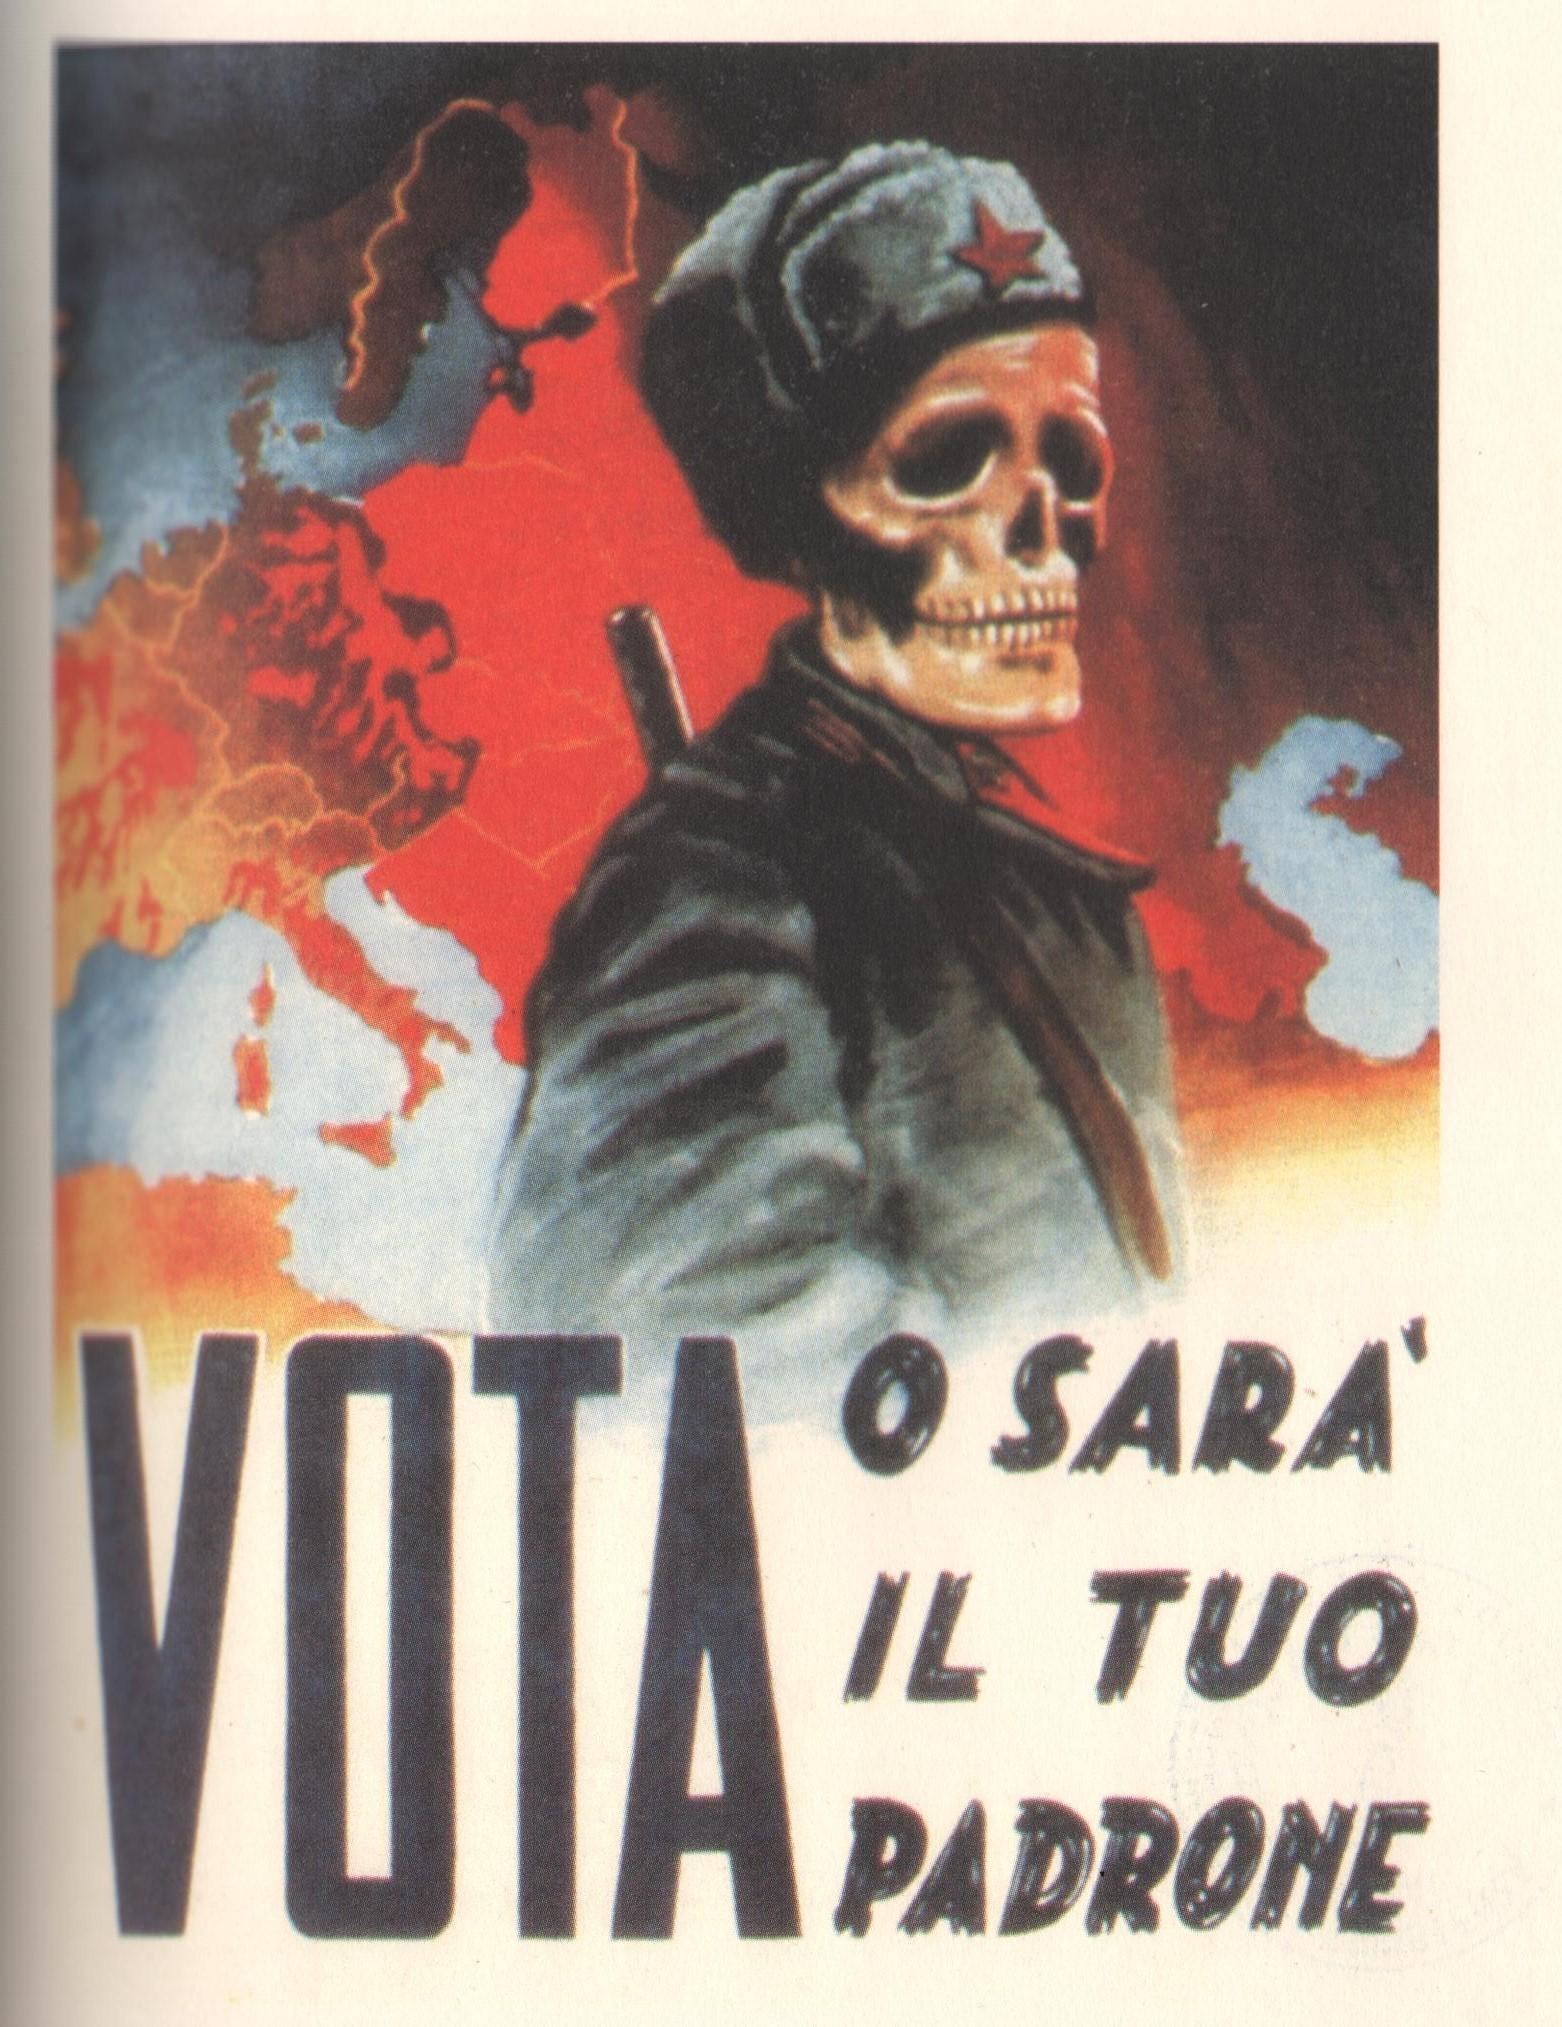 guerra clandestina Italia Stato